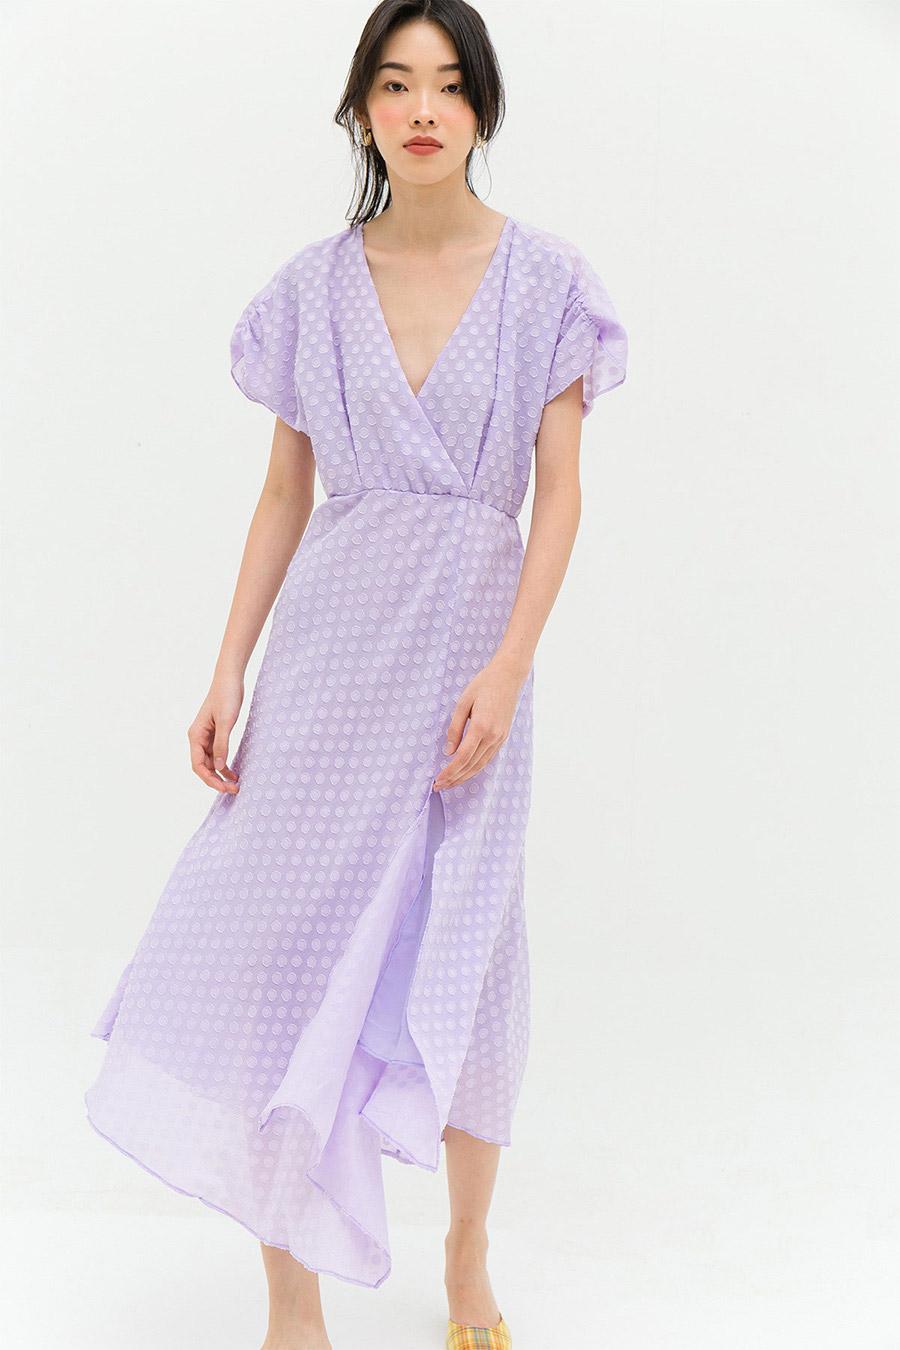 *BO* LAFAILLE DRESS - WISTERIA